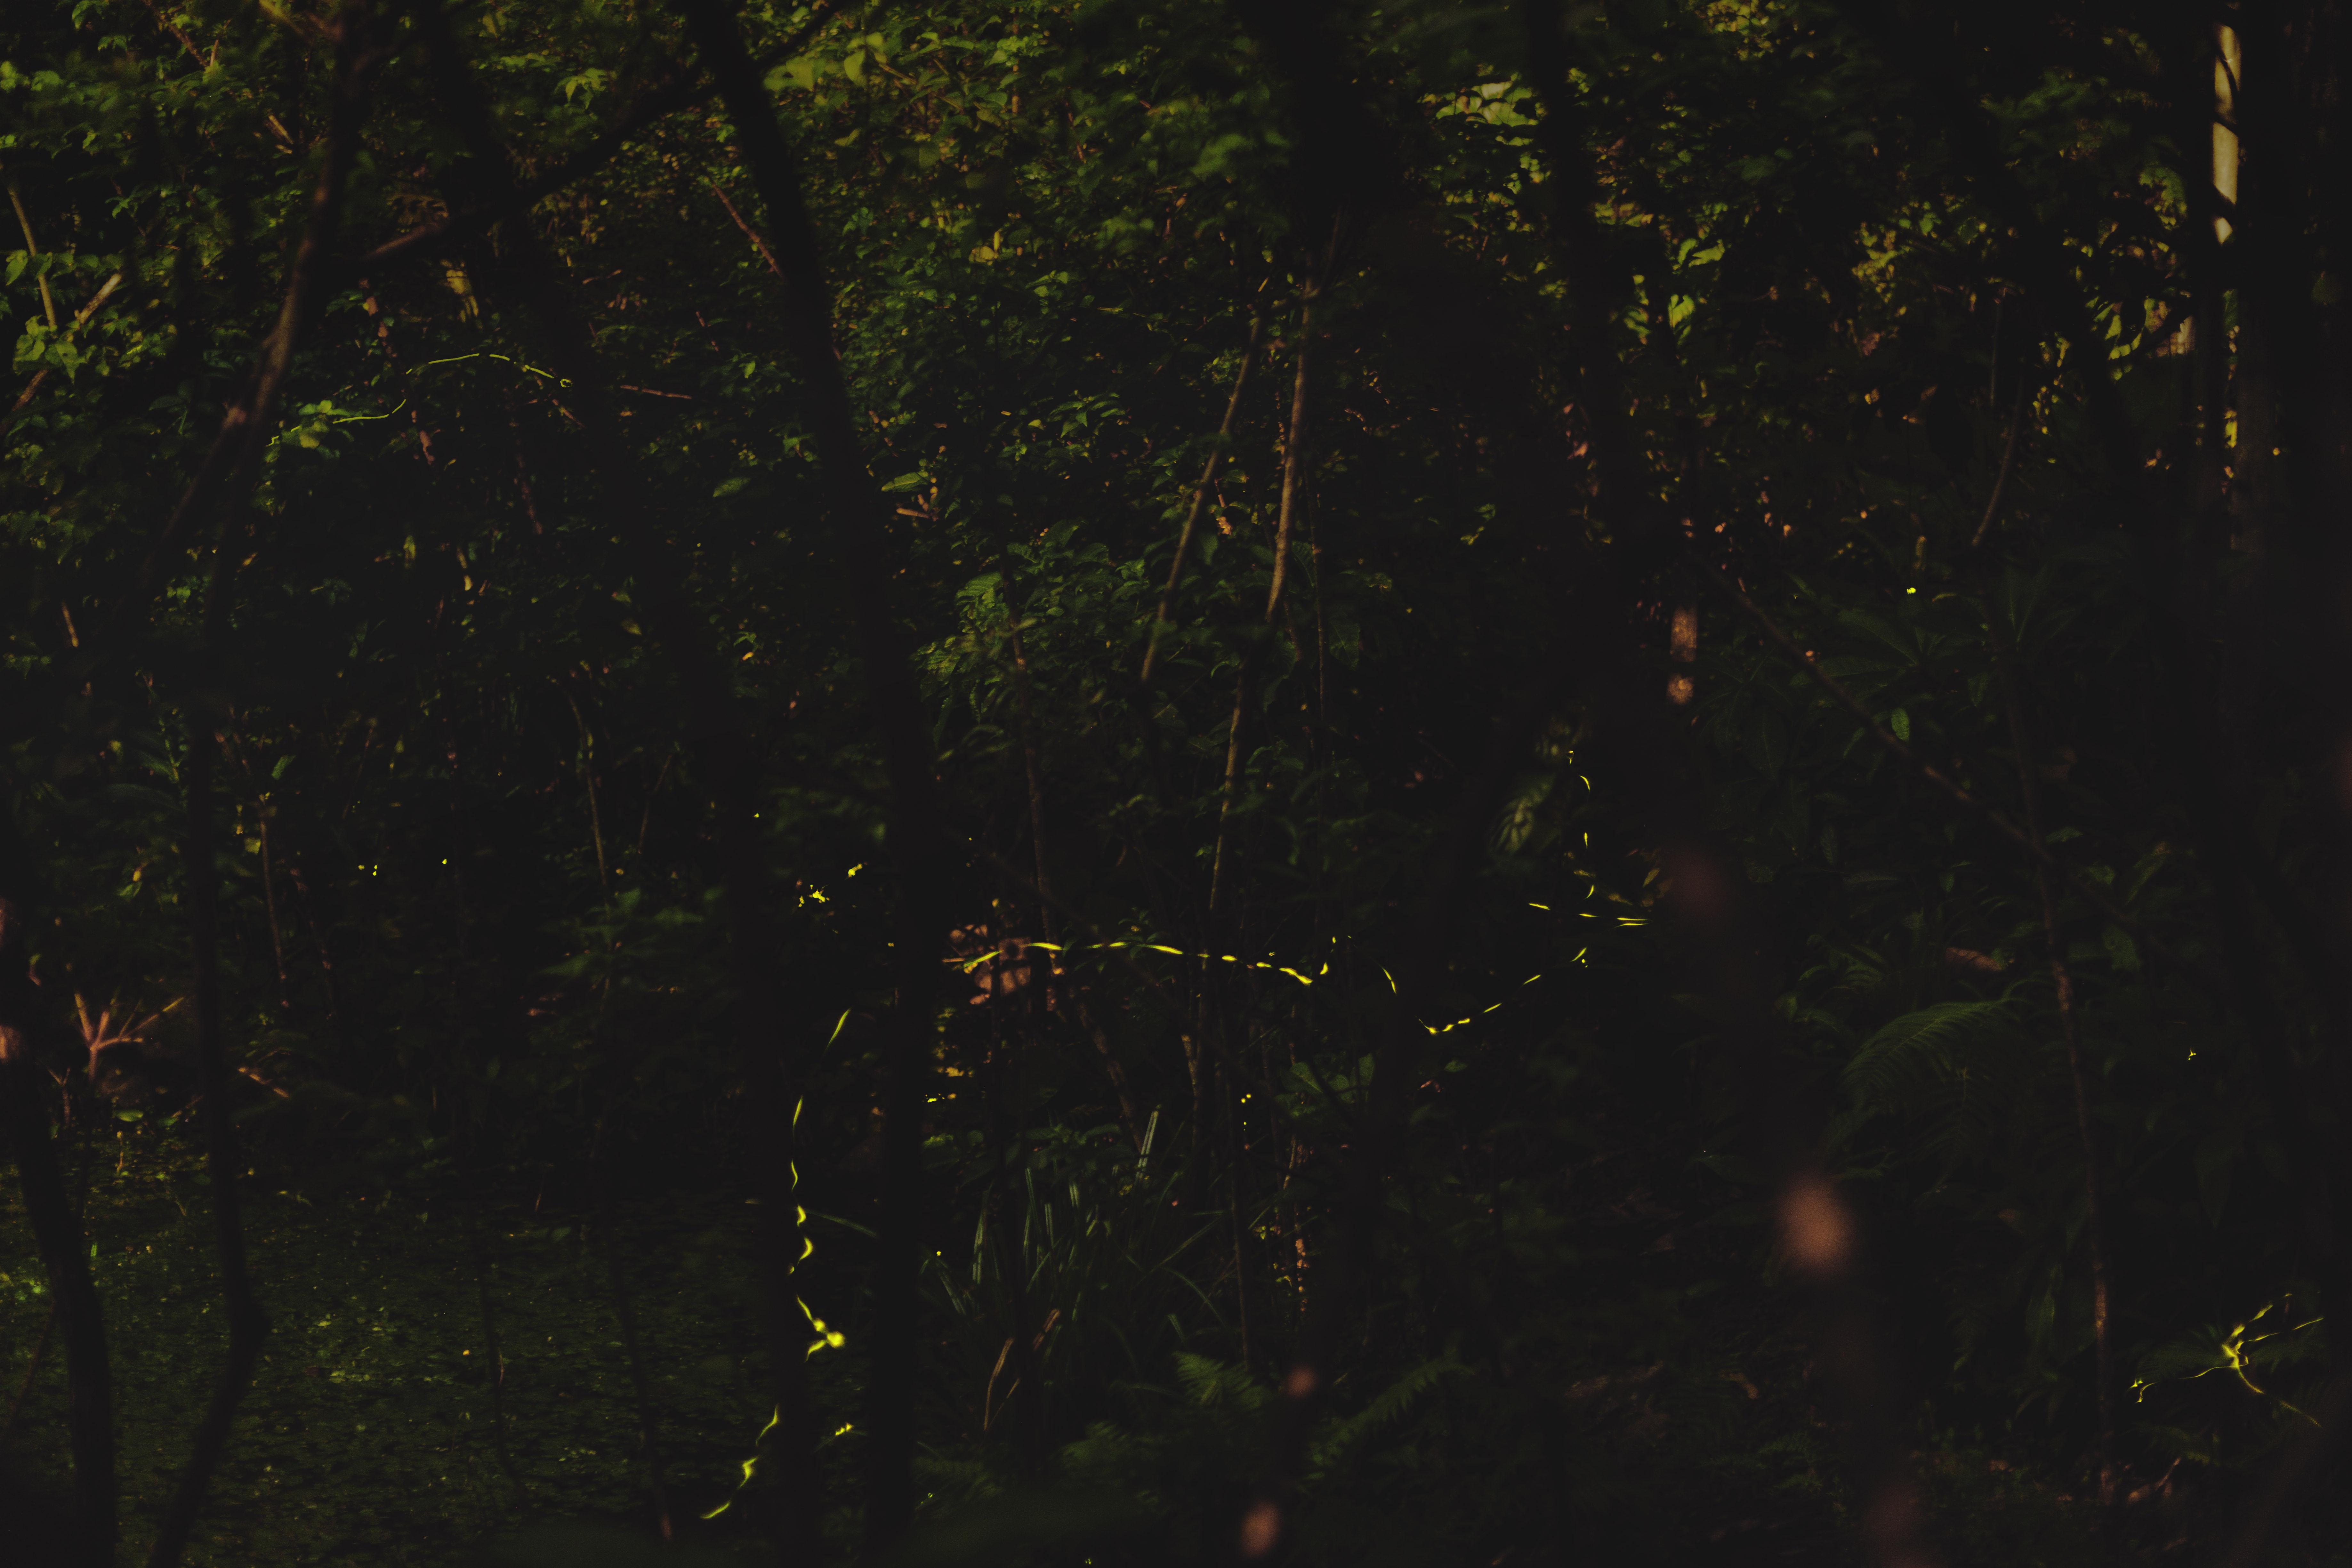 來一場浪漫的夜間散步,台北、新北 4 條賞螢秘境步道整理與螢火蟲欣賞須知